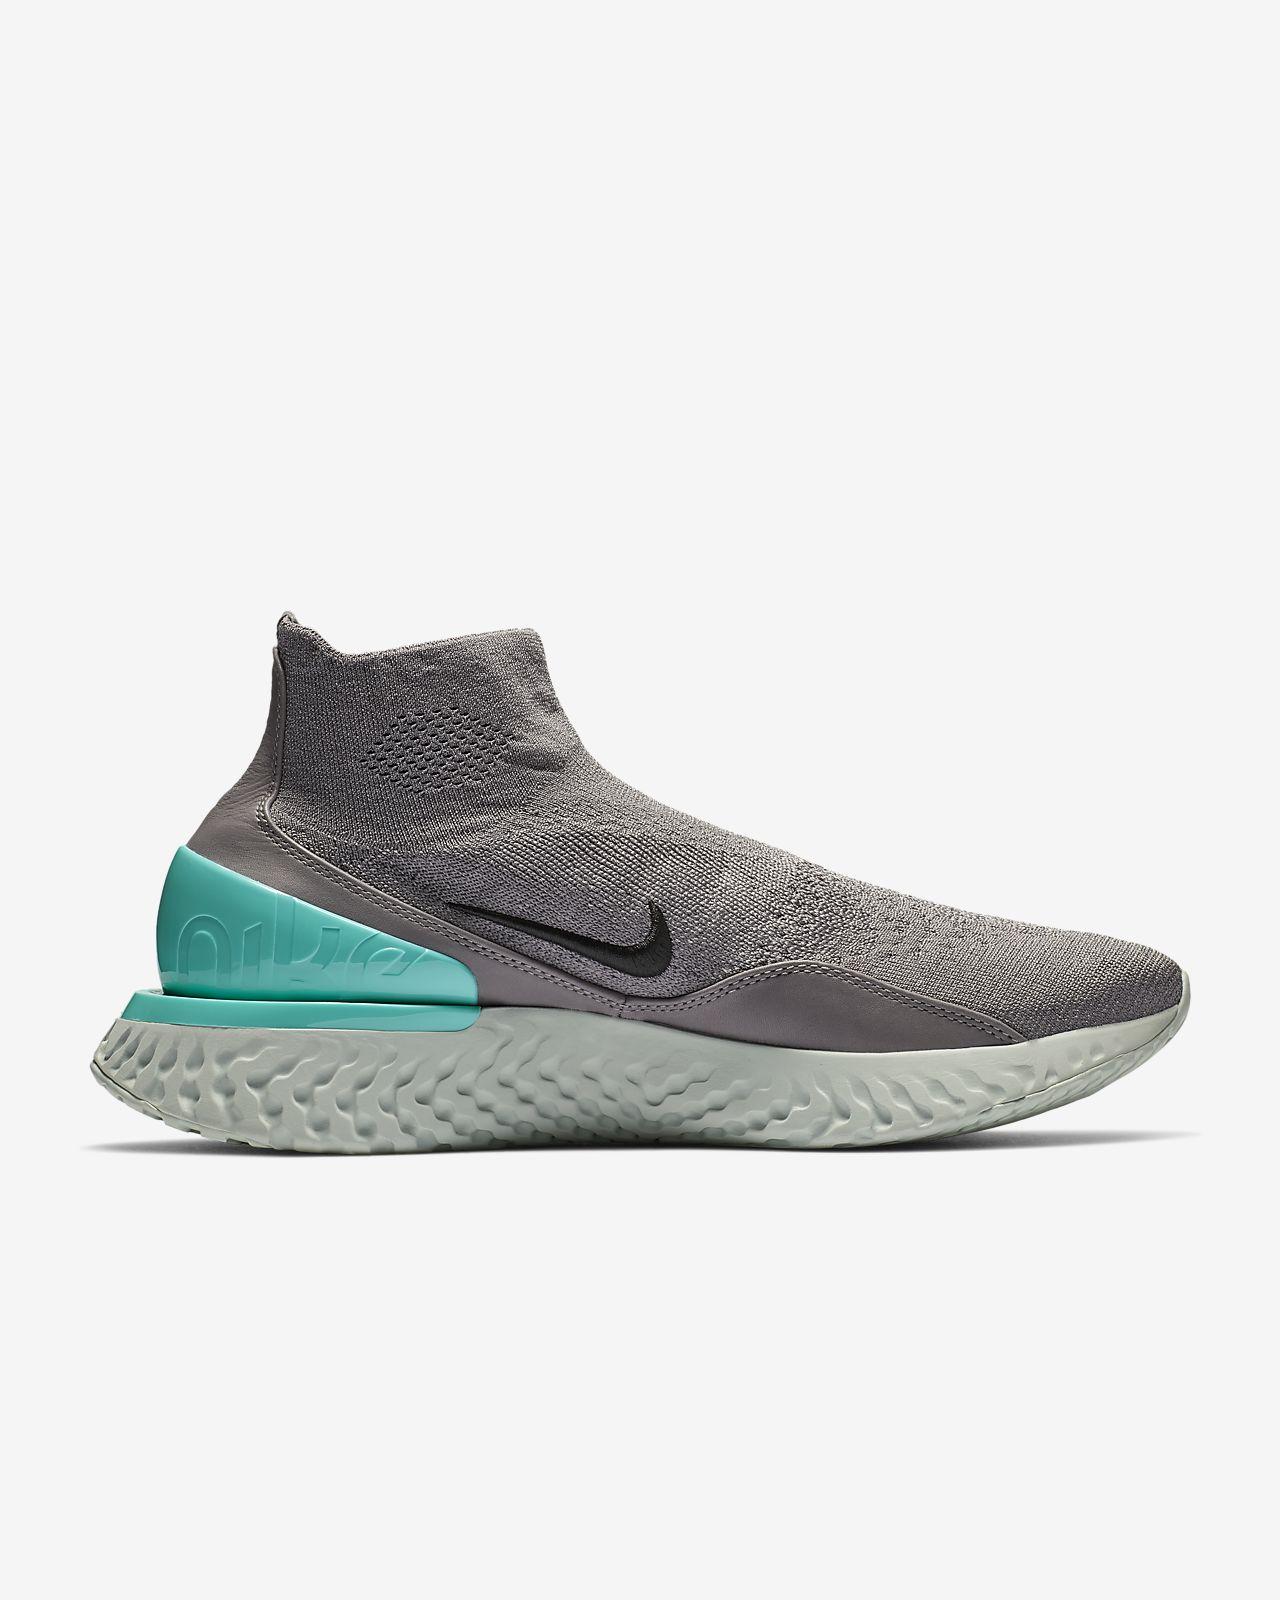 77b424279ddf Nike Rise React Flyknit Running Shoe. Nike.com LU